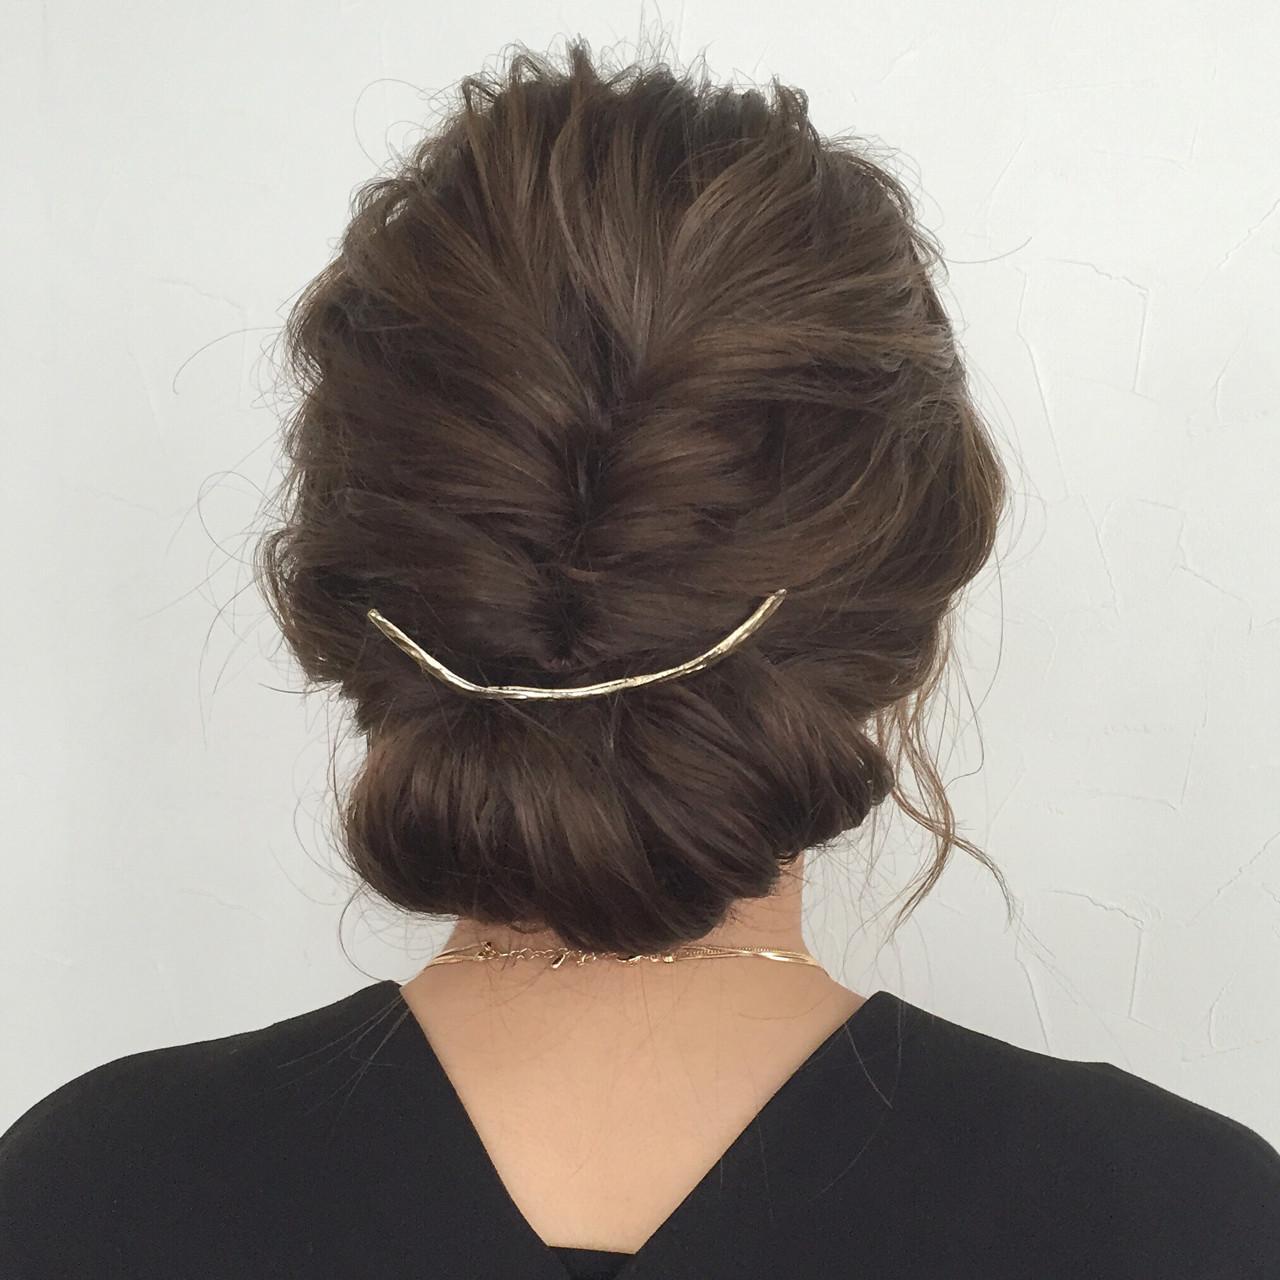 大人かわいい 結婚式 セミロング ギブソンタック ヘアスタイルや髪型の写真・画像